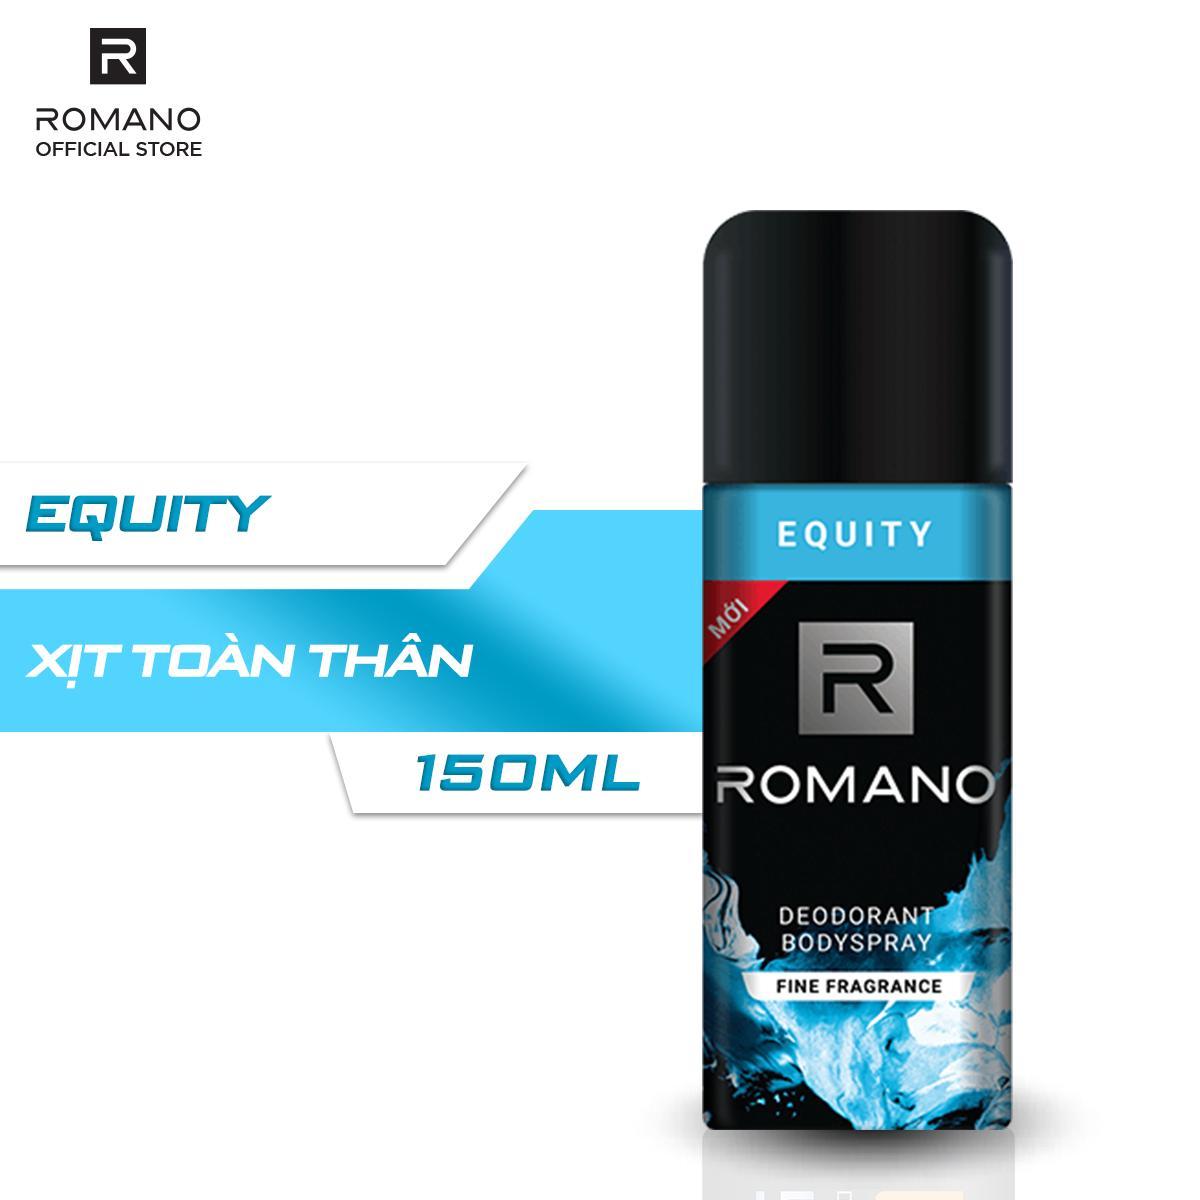 Xịt khử mùi toàn thân Romano Equity 150ml cao cấp